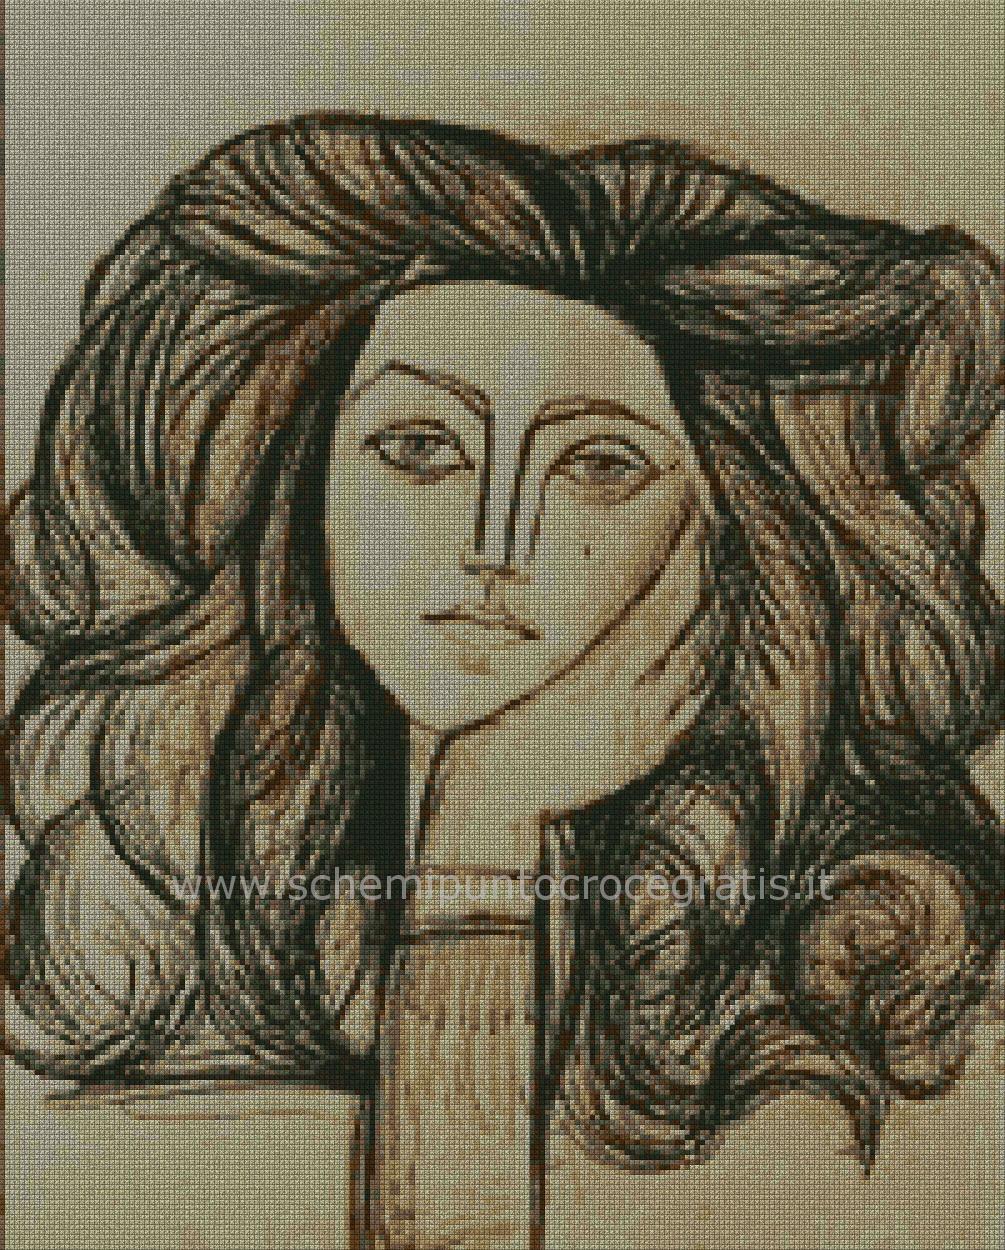 pittori_moderni/picasso/Picasso12.jpg